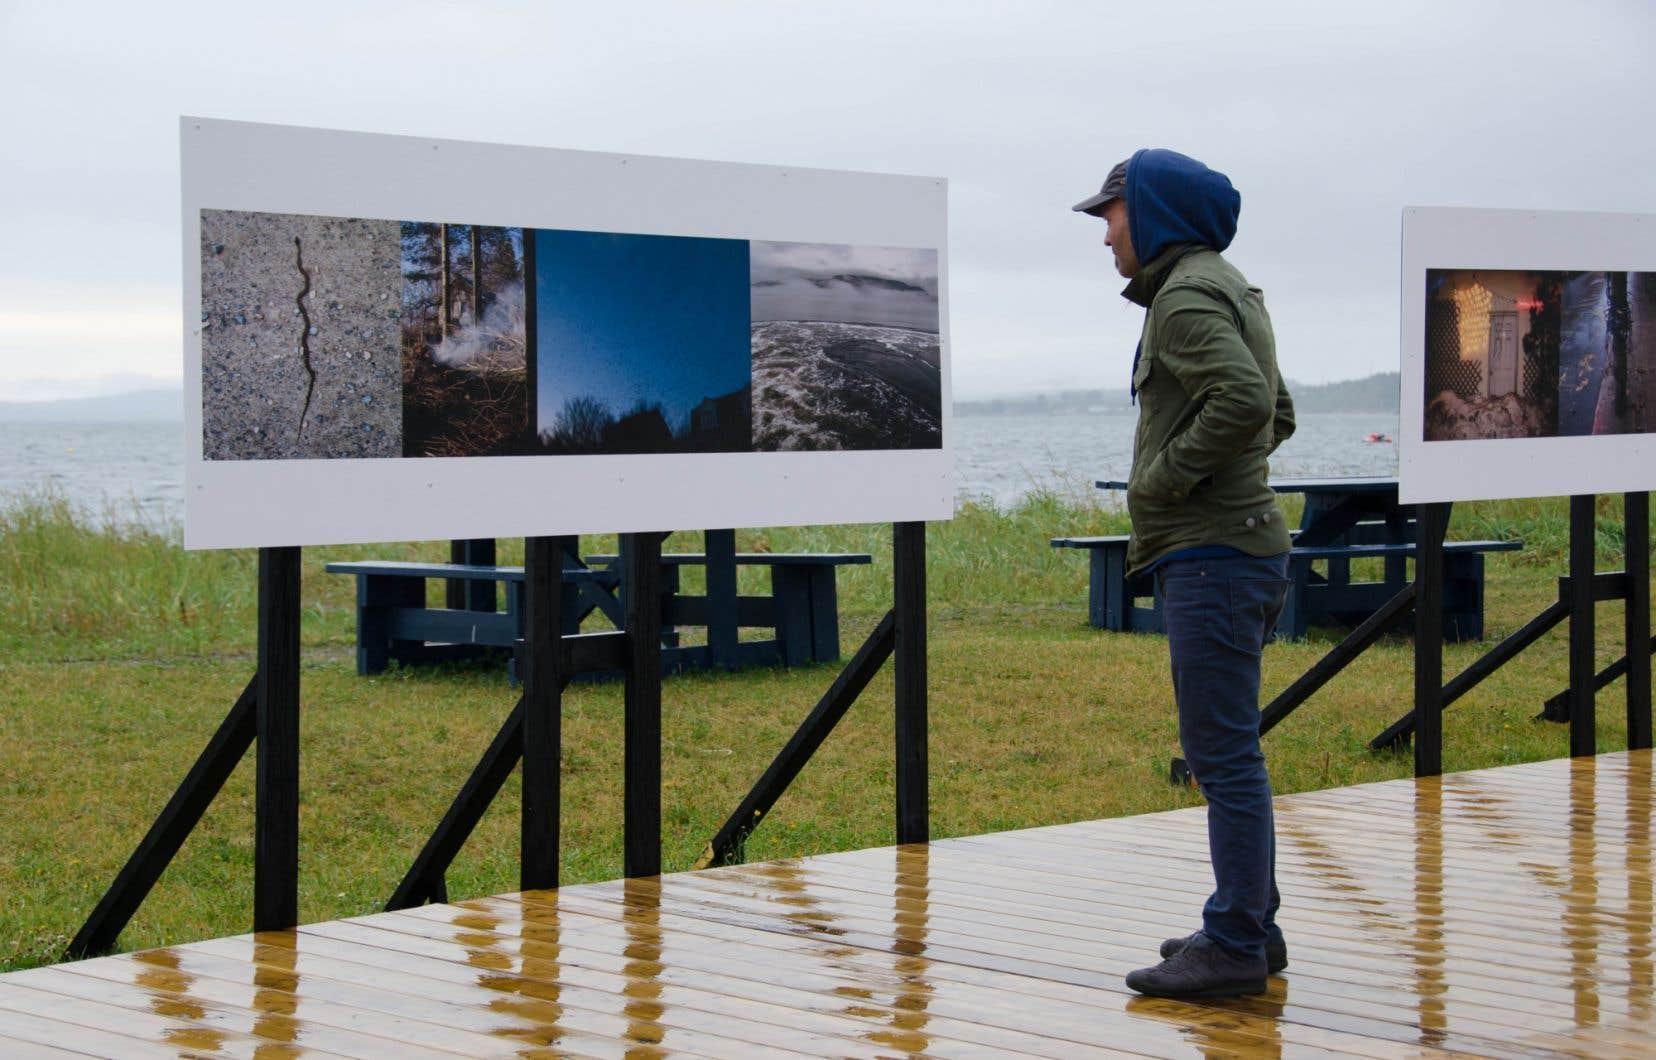 Le photographe Bertrand Carrière présente à Carleton une des meilleures expositions des Rencontres.